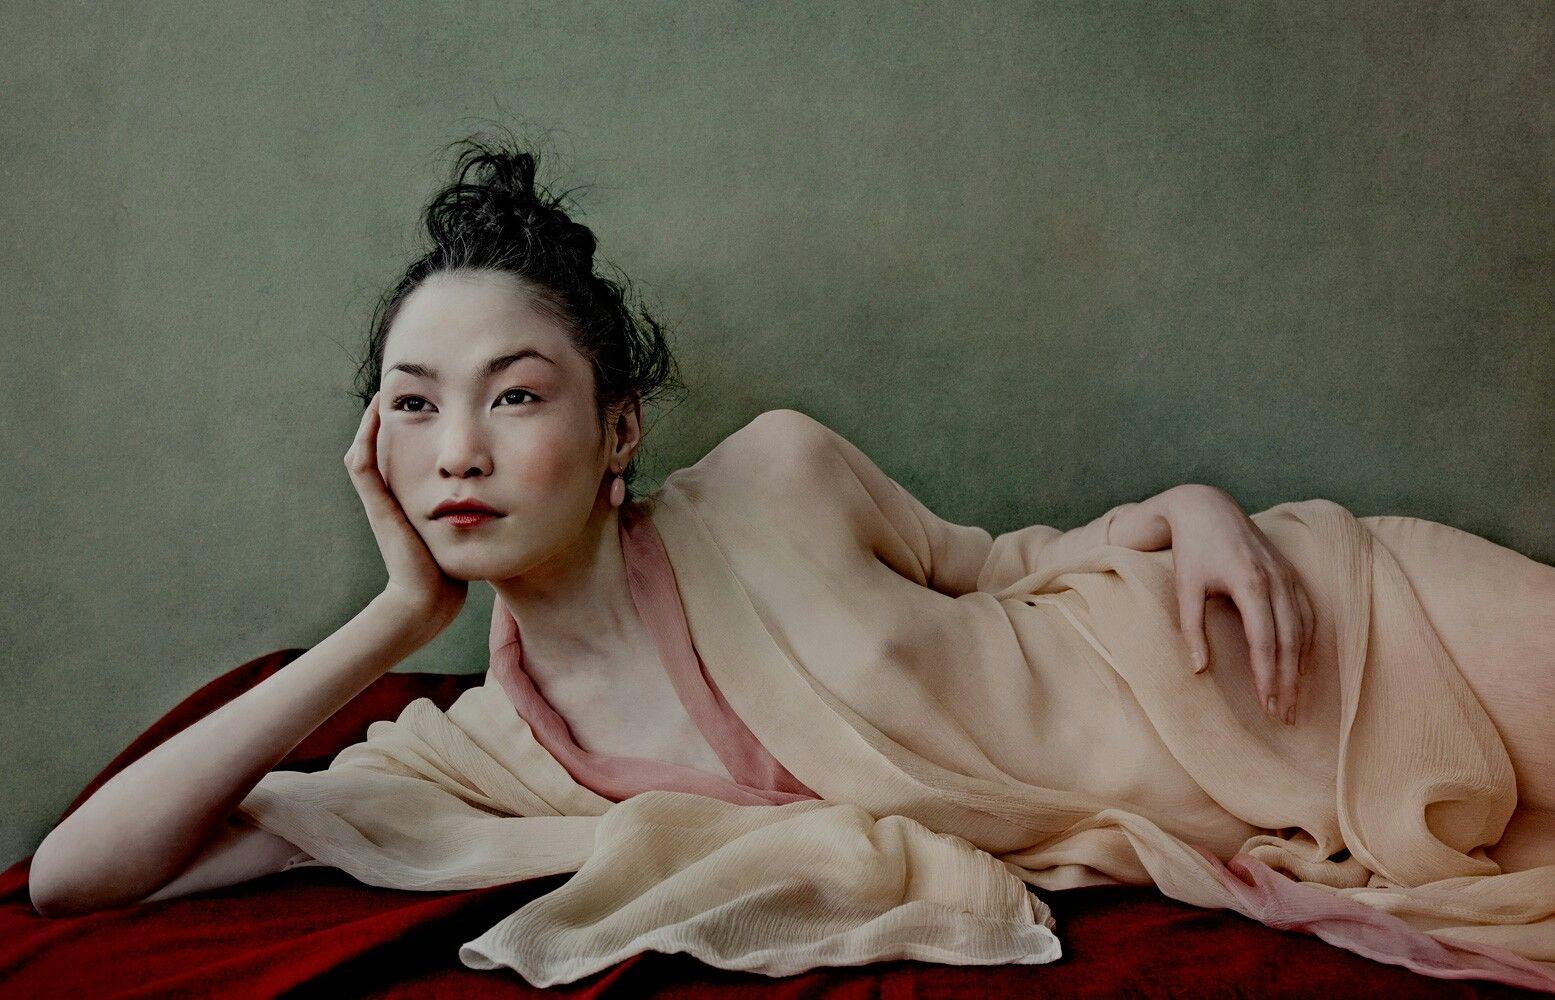 возведенной один современные фотографы портретисты узбекистана сети